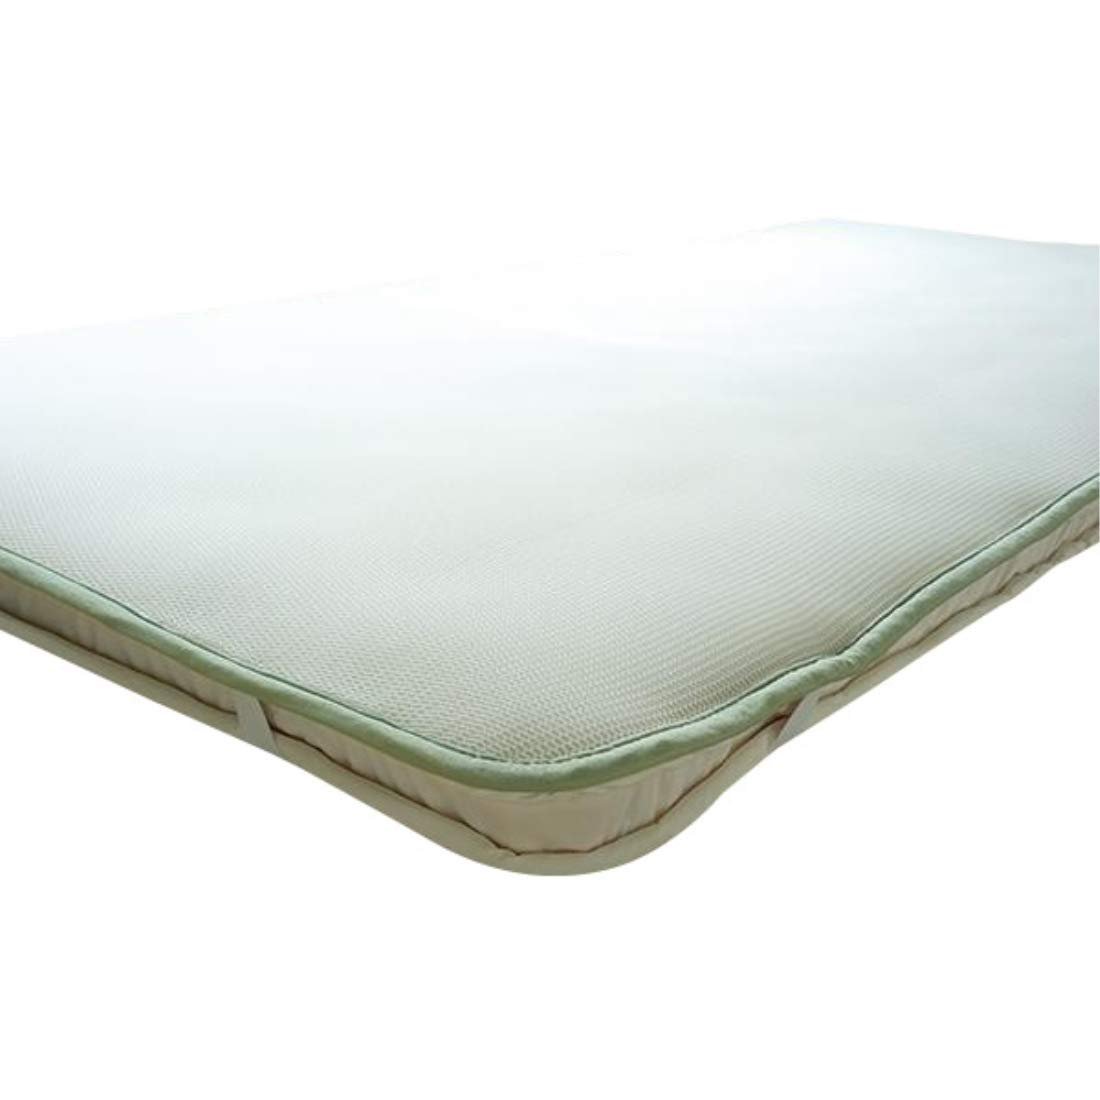 日用品 寝装 寝具 関連商品 スリープエアーマット(ジャパンプレミアム) シングル 100×200cm フュージョン白182830 B076B56C8Q